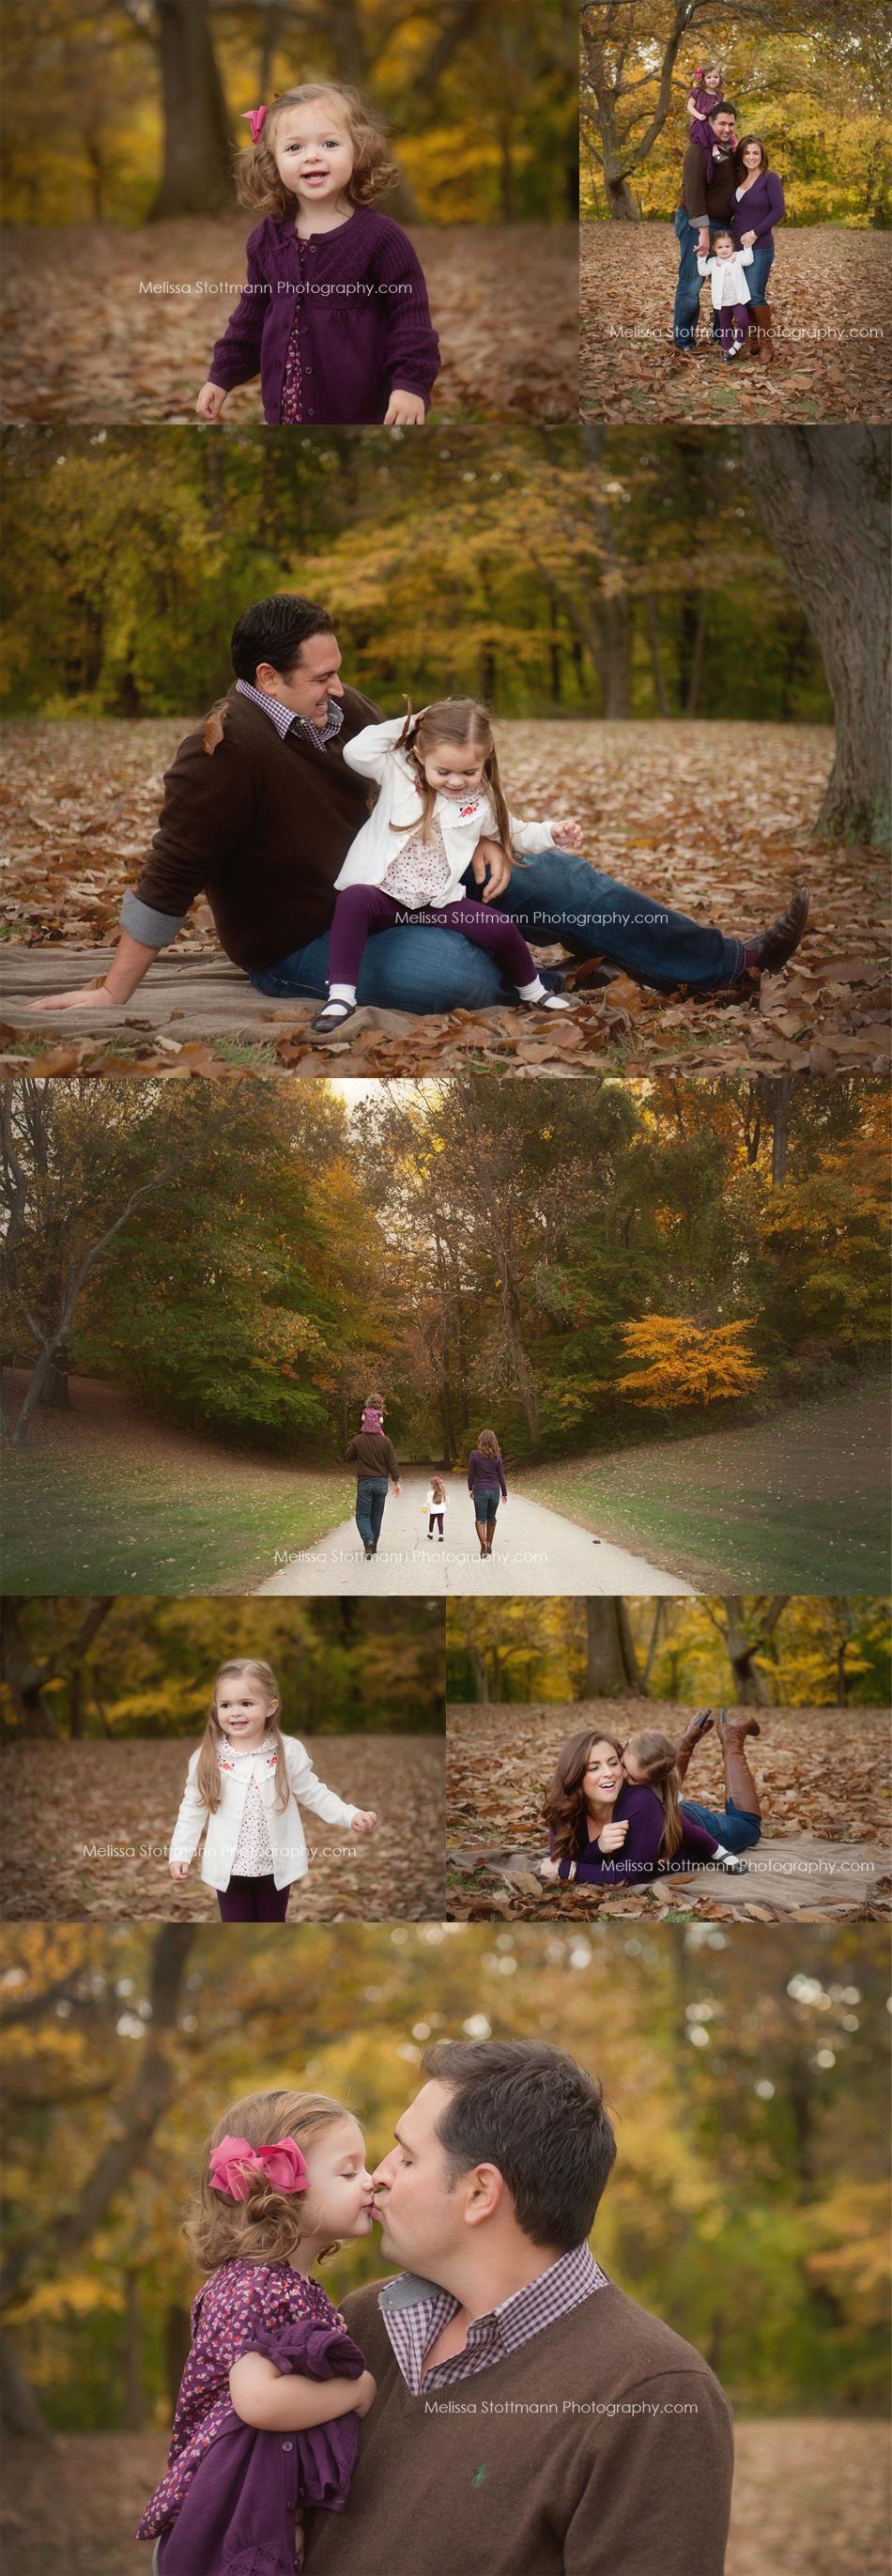 идеи для фотосессии осенью всей семьей